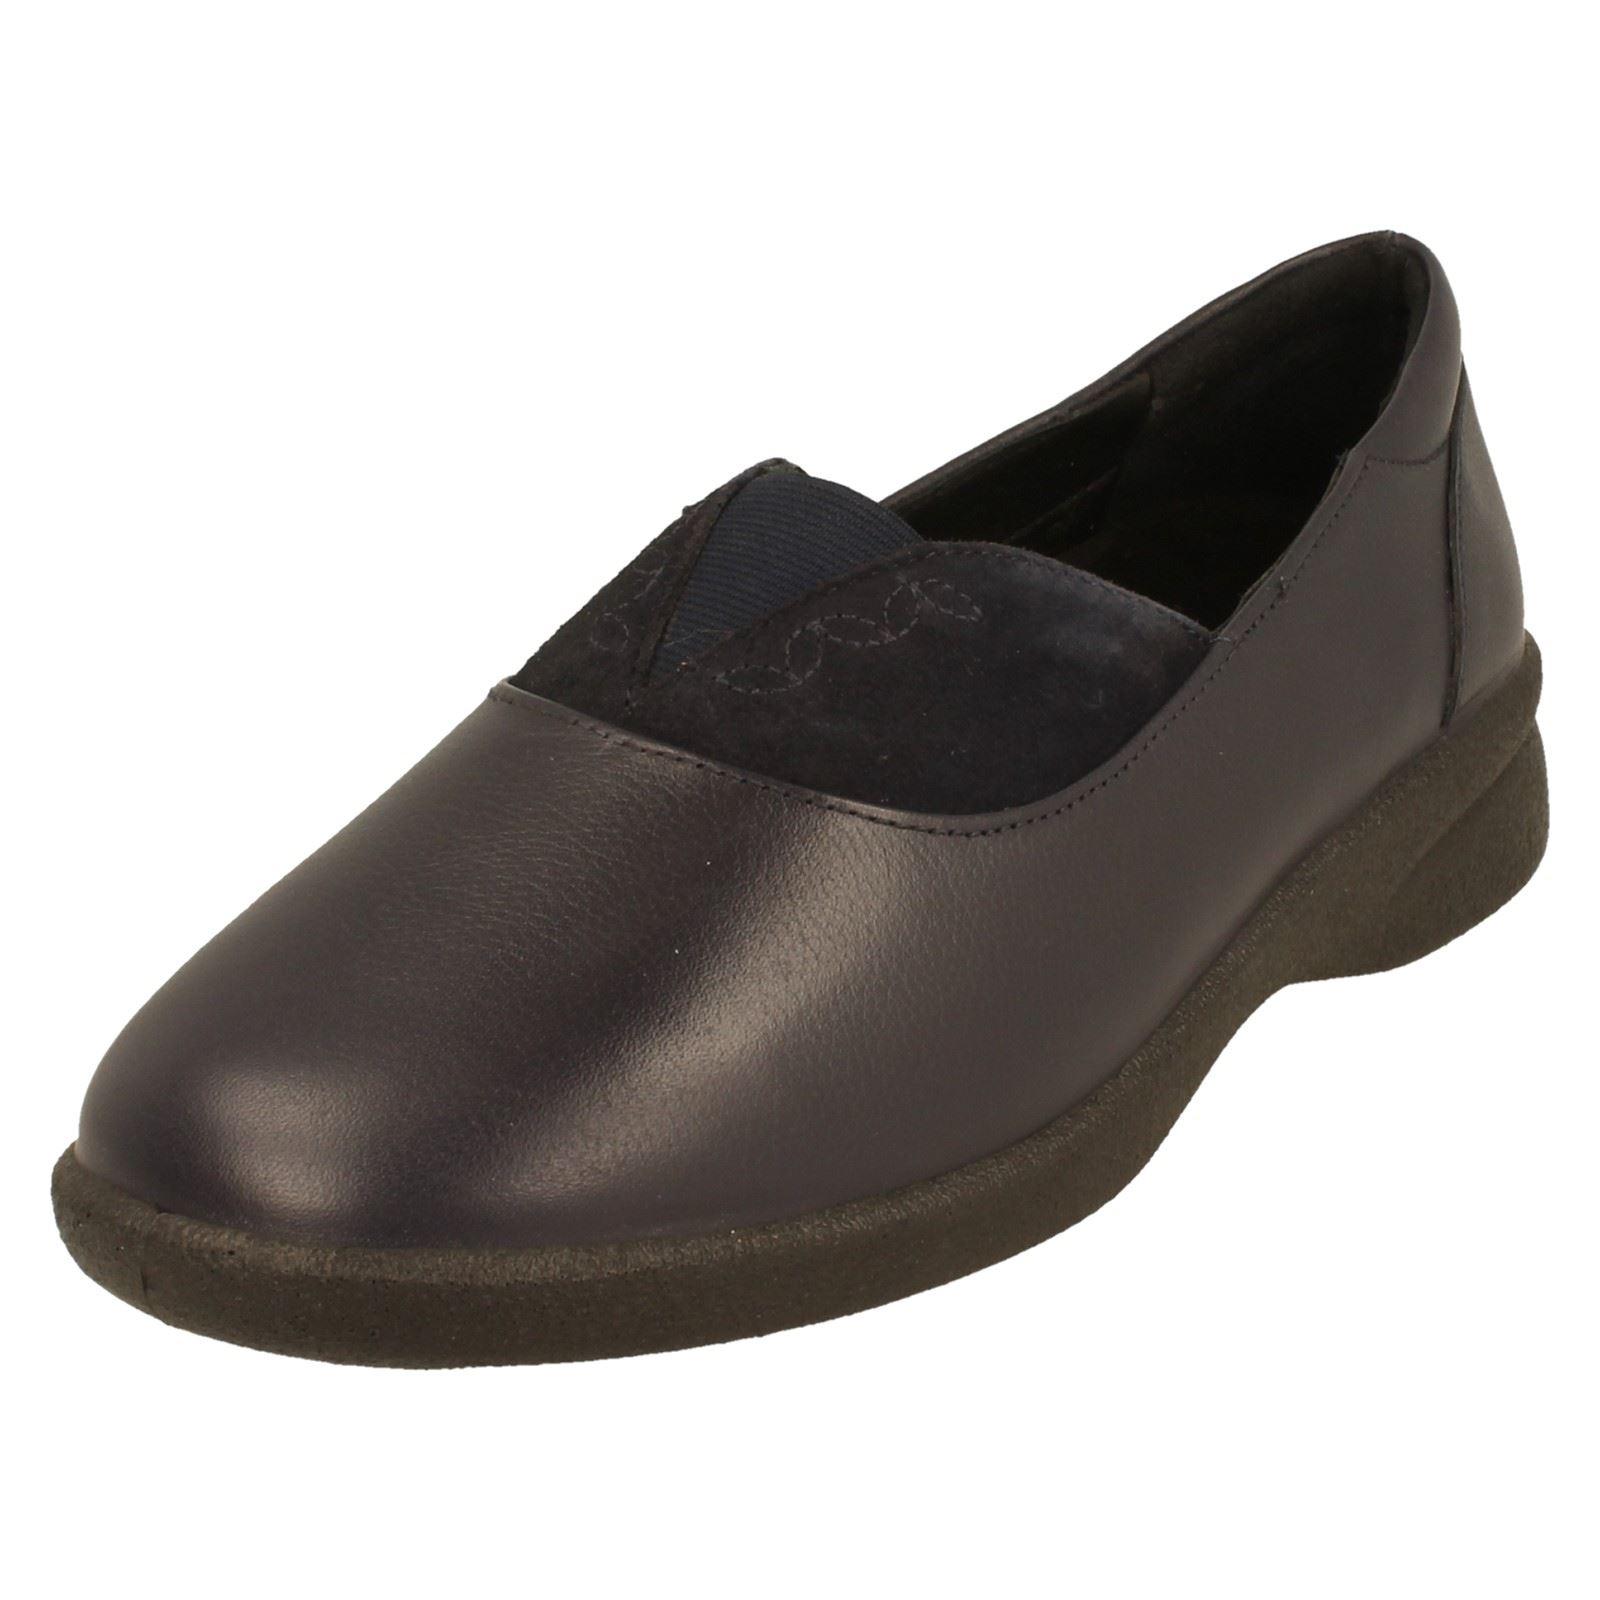 Label Navy Padders Casual Shoe Lauren w Ladies Tz4wPnw